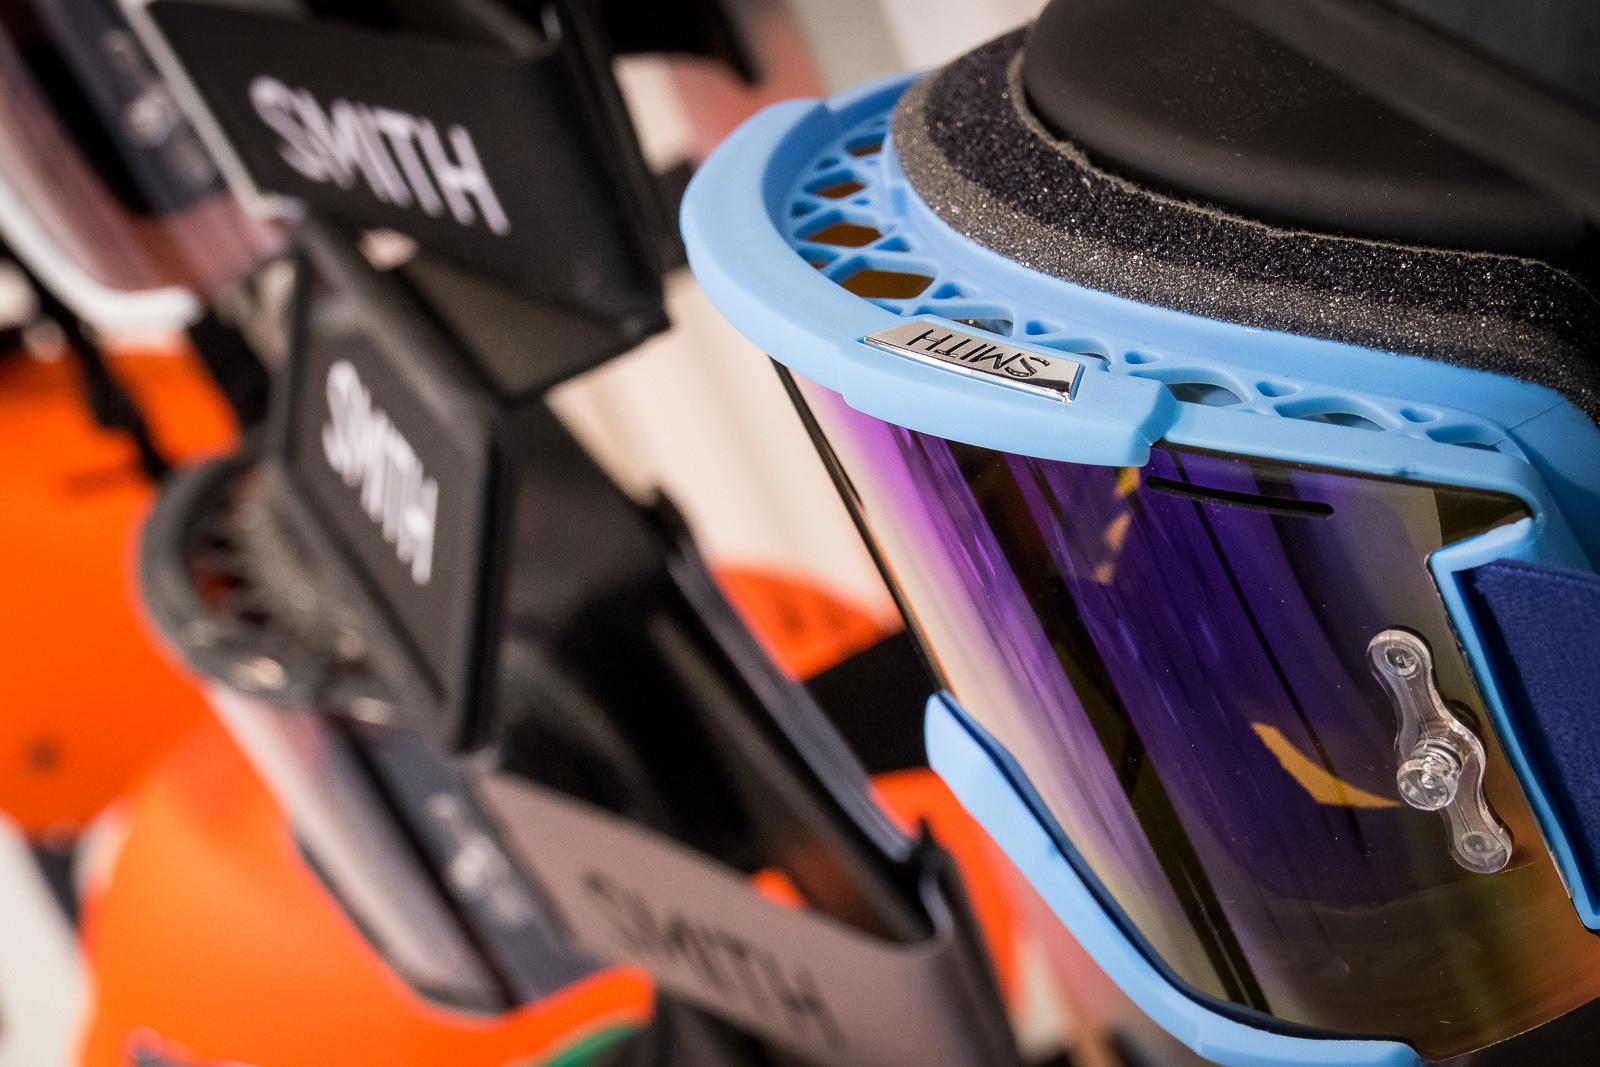 Smith Squad Mountain Bike Goggles - 2016 Mountain Bike Apparel & Protection at Eurobike - Mountain Biking Pictures - Vital MTB